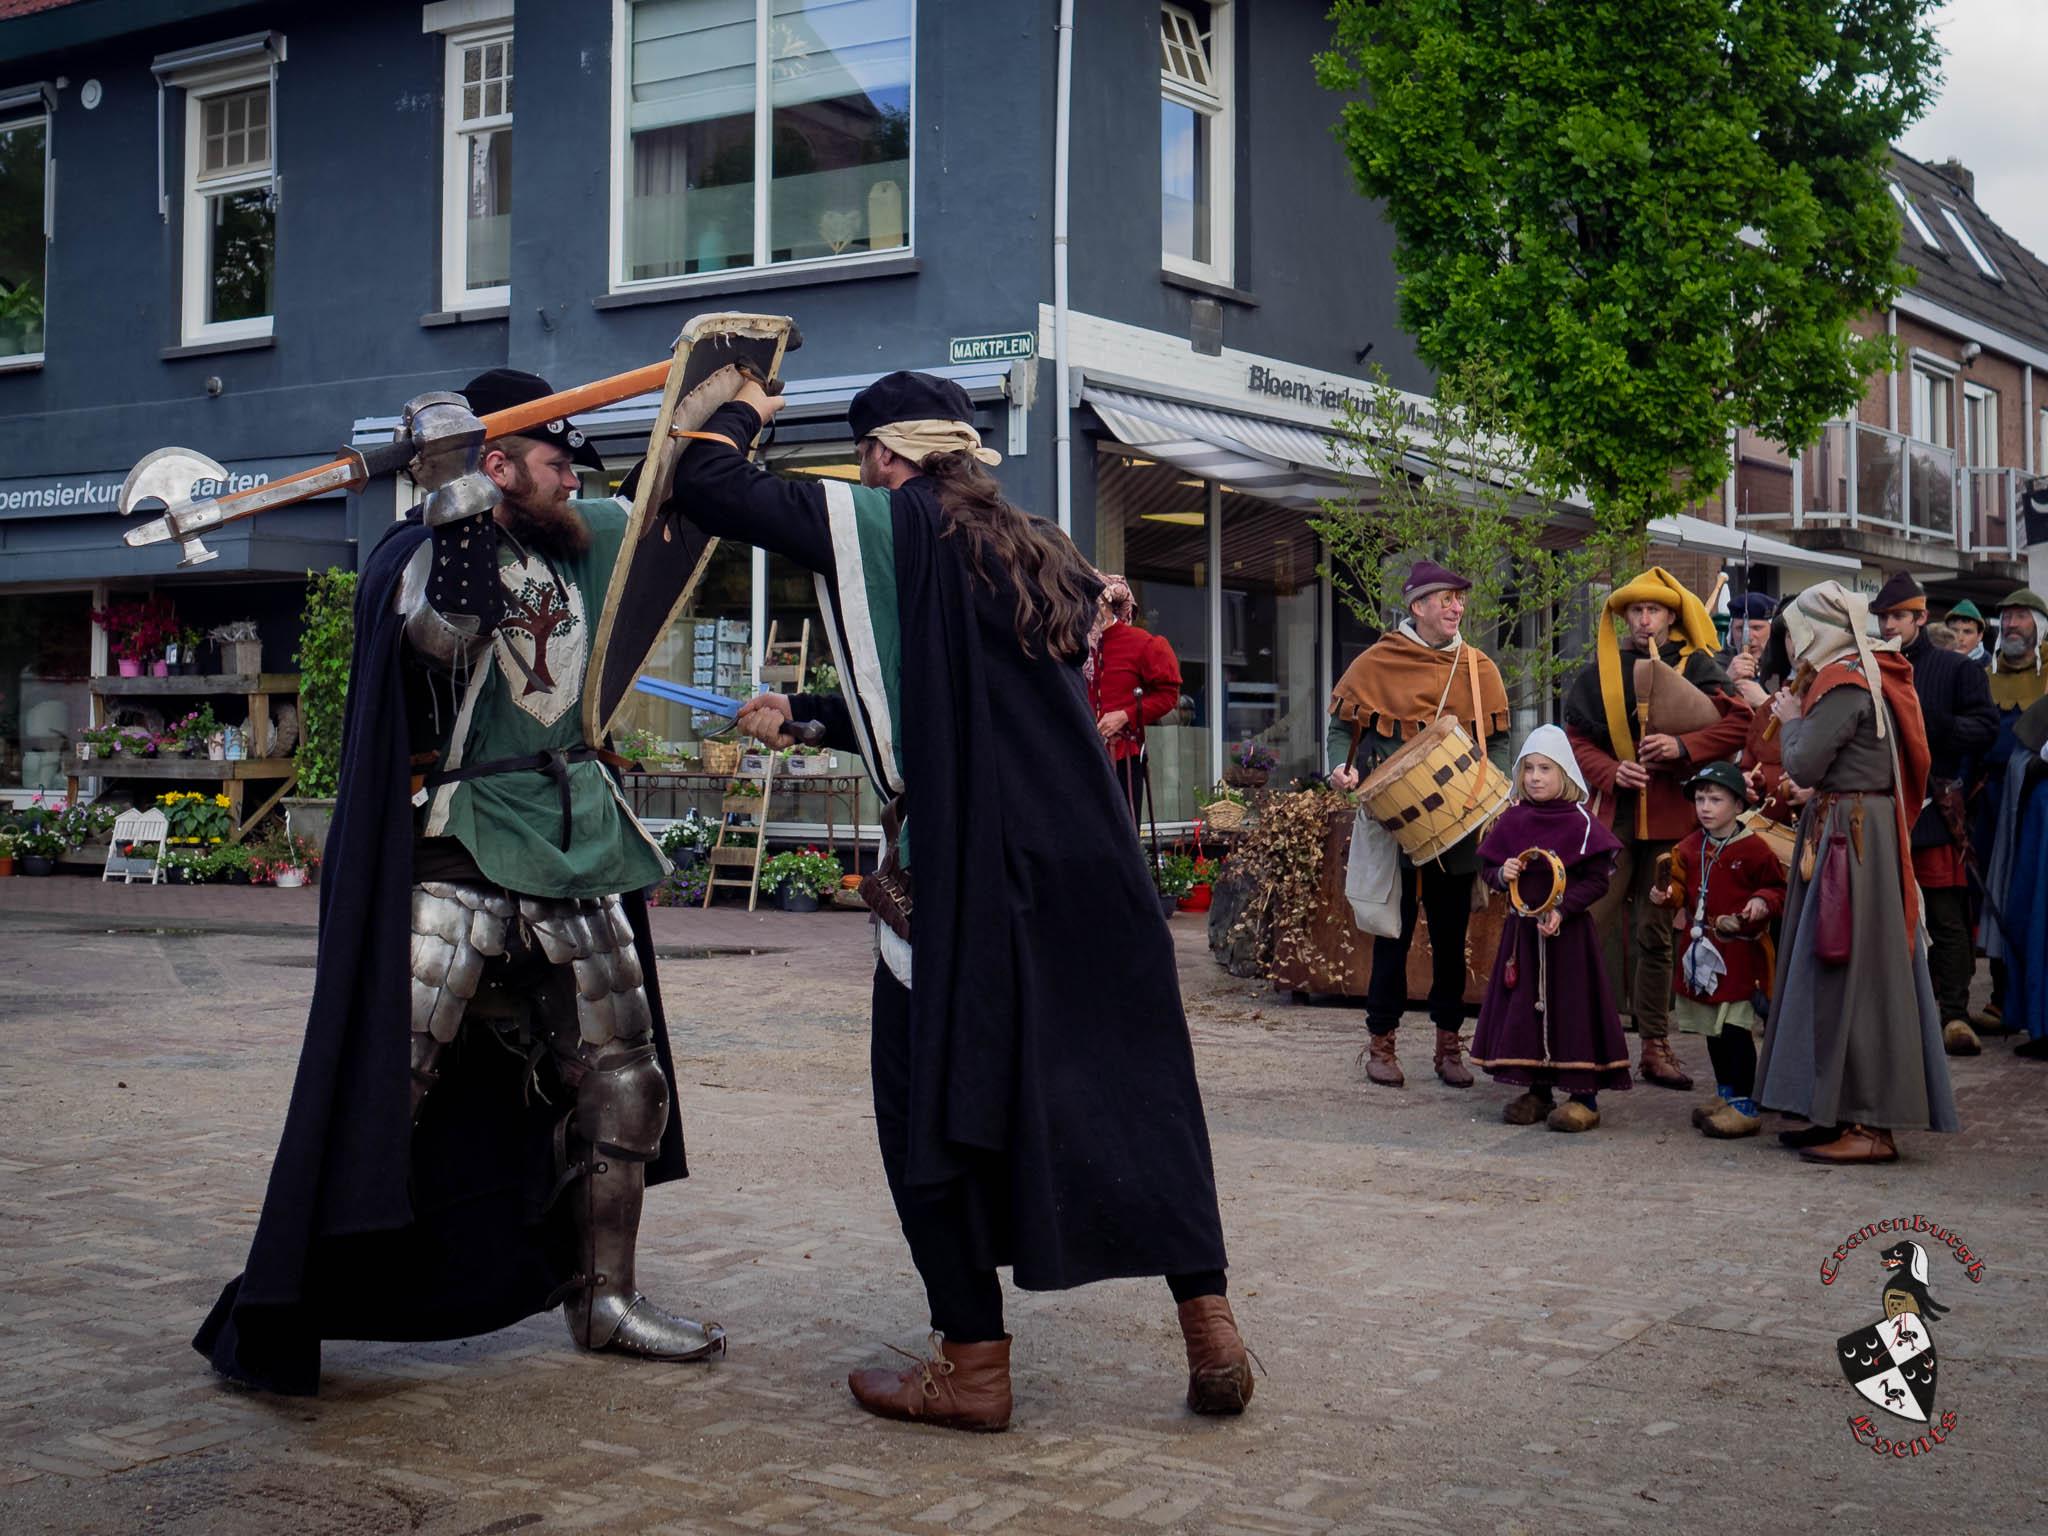 Middeleeuws-Festijn-Cannenburgh-2019-Ellen-la-Faille-6